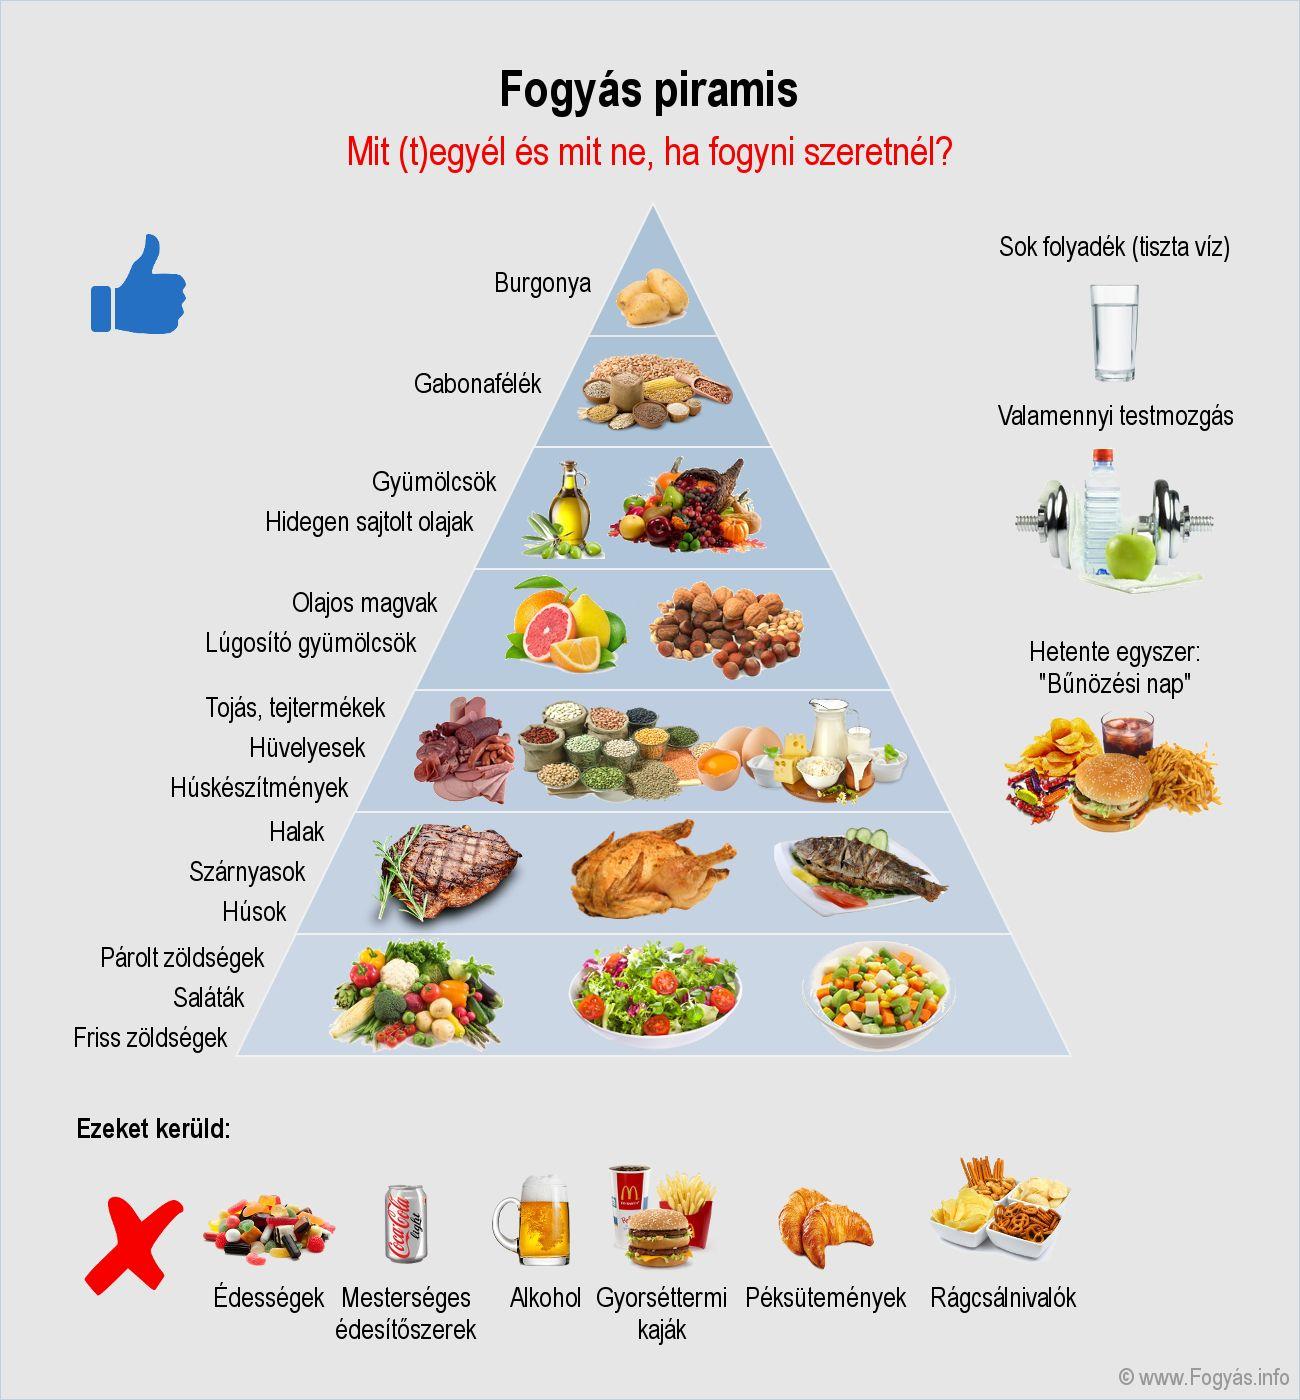 megfelelő étrend a fogyáshoz